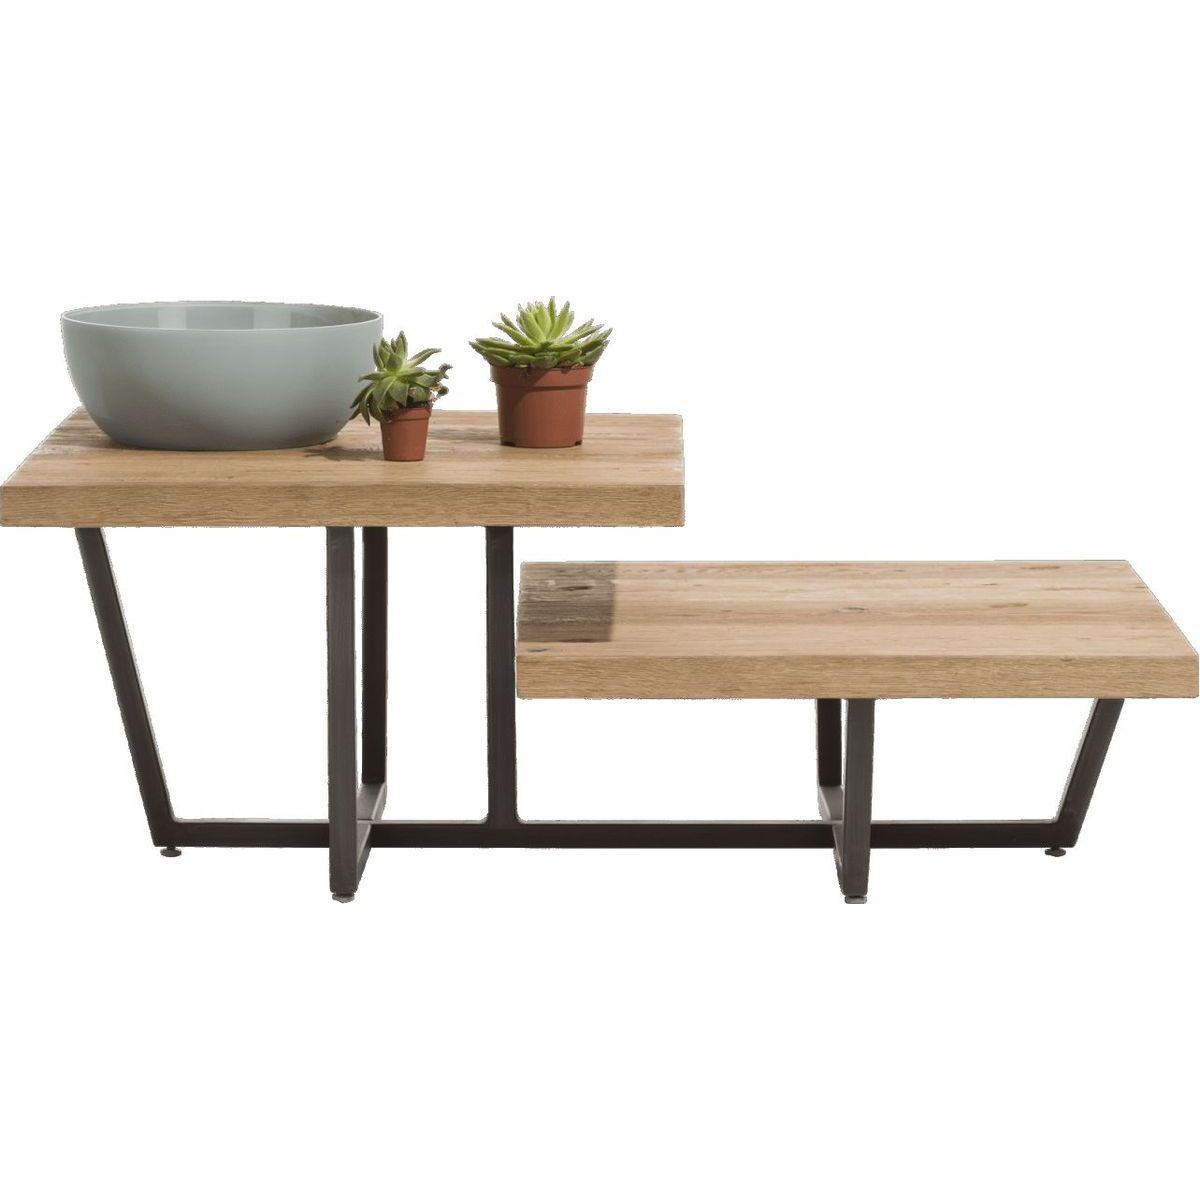 Table basse DENMARK Xooon 110x65cm